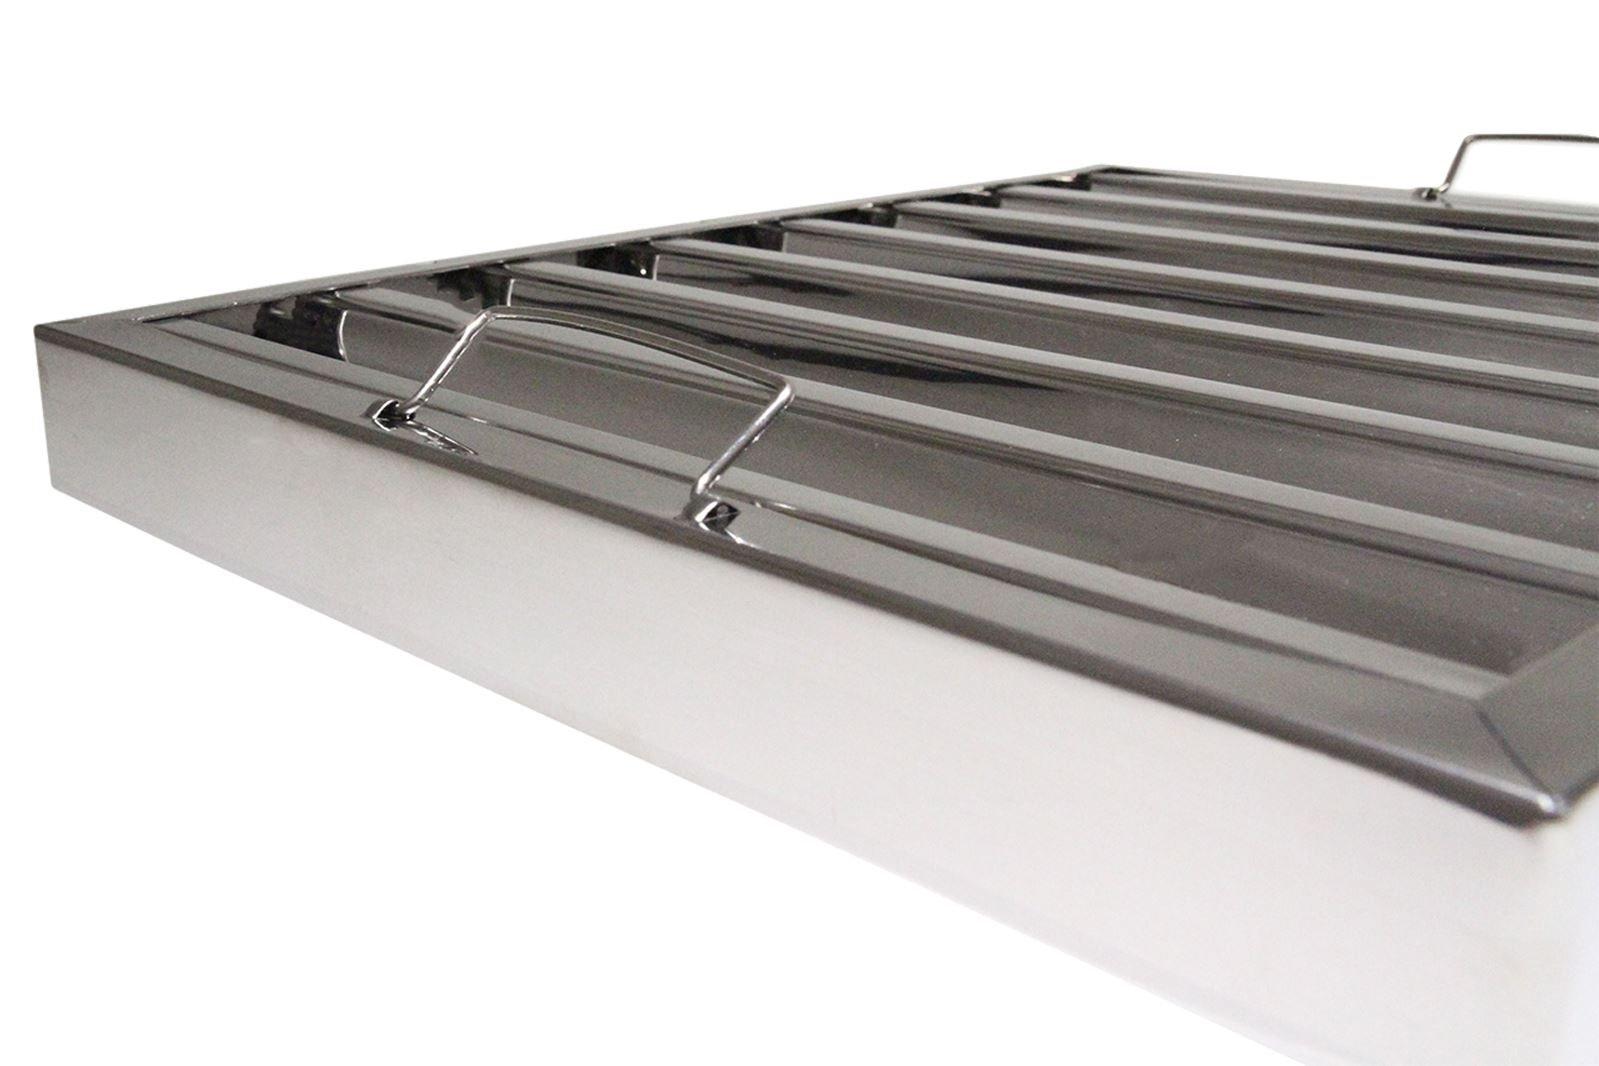 3 x toldo grasa cuadrícula Filtro campana extractora de cocina acero inoxidable 395 x 495 mm: Amazon.es: Hogar